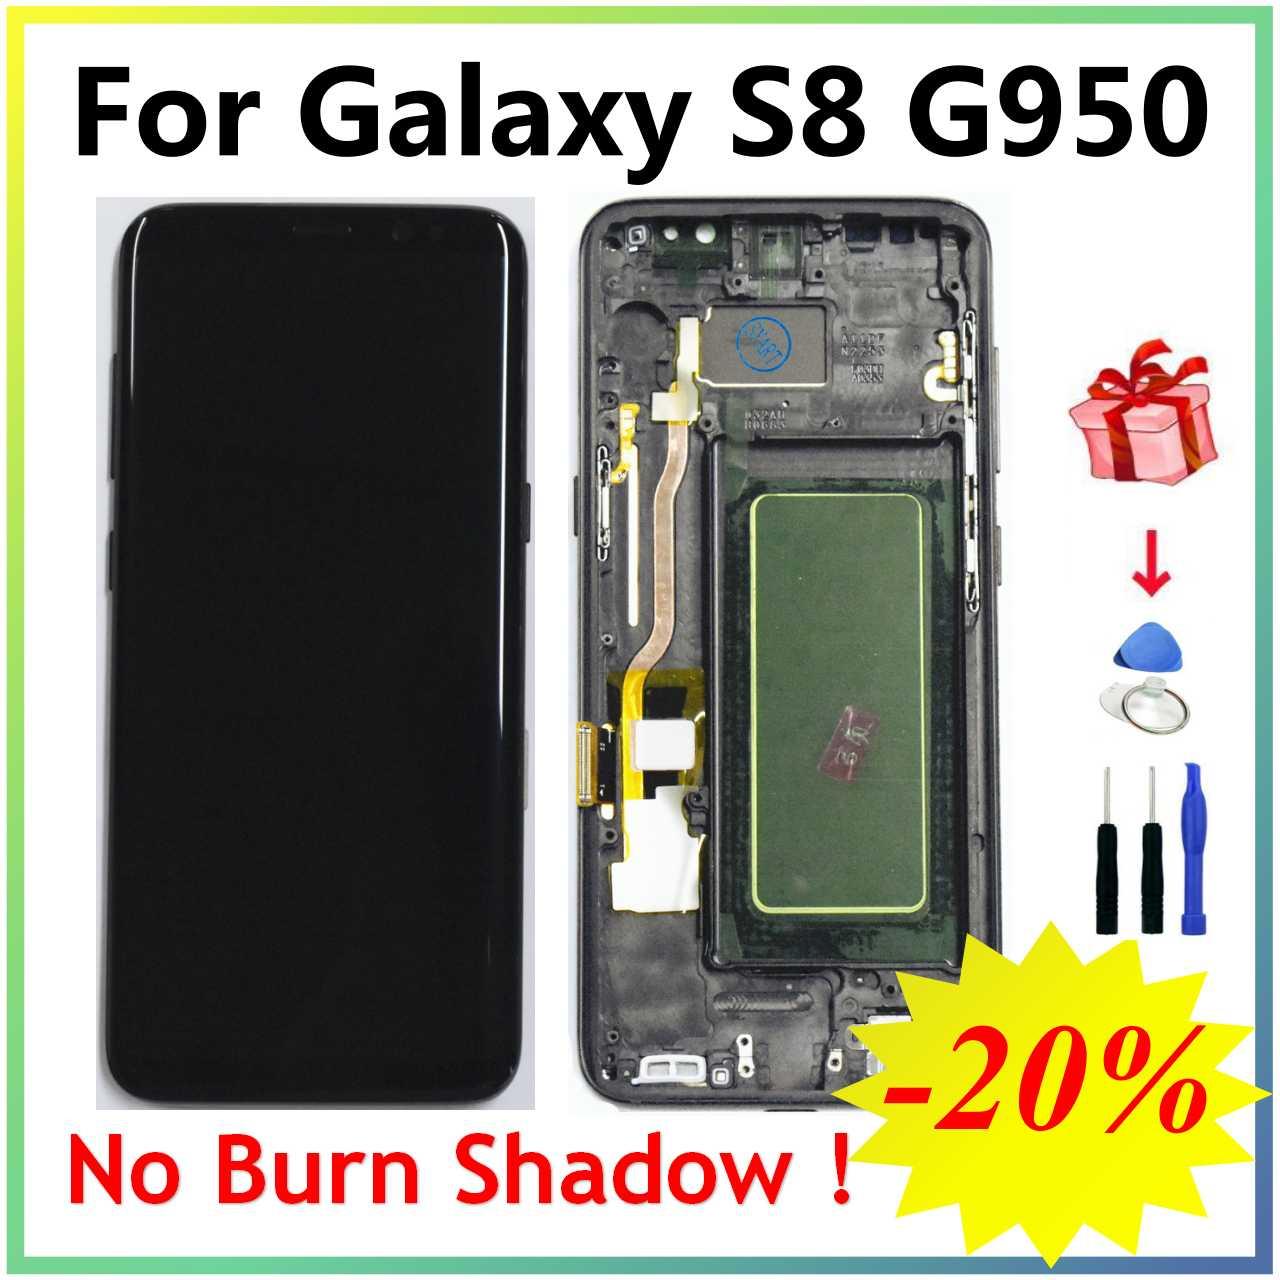 سوبر AMOLED S8 LCD مع الإطار لسامسونج غالاكسي S8 G950 G950F عرض S8 زائد G955 G955F شاشة تعمل باللمس محول الأرقام